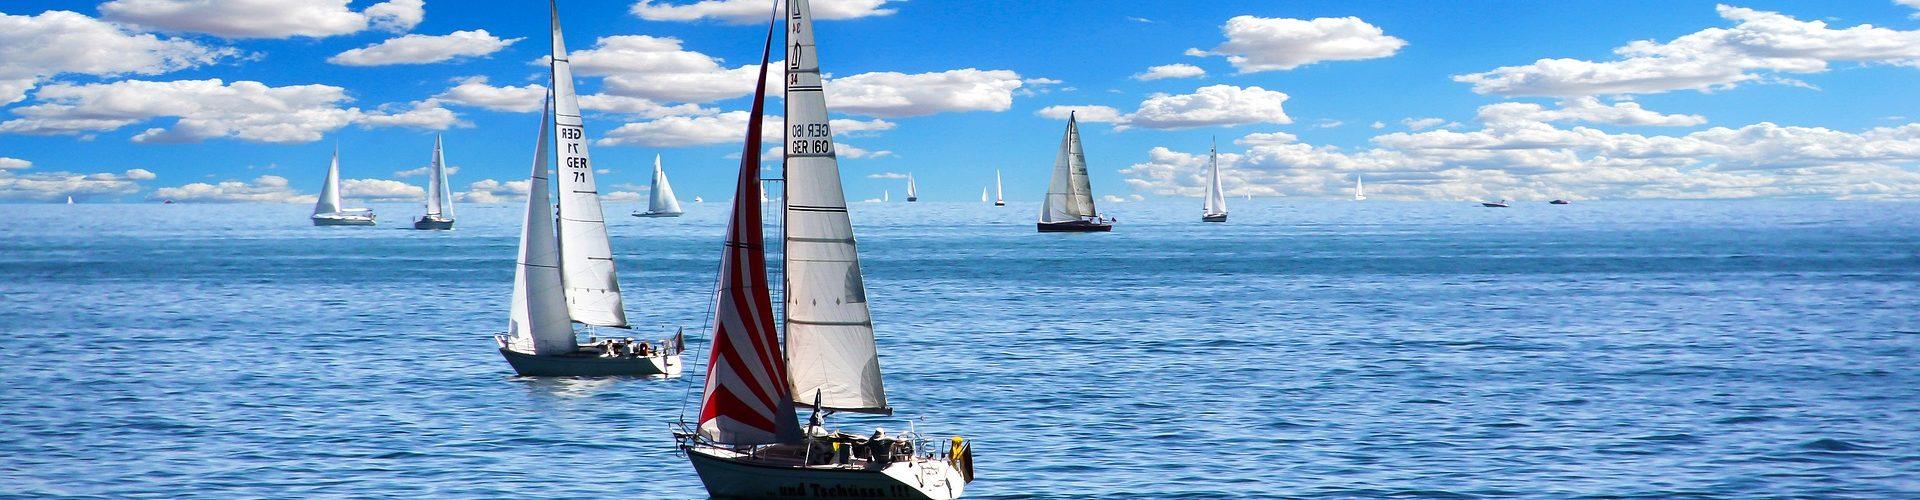 segeln lernen in Hainichen segelschein machen in Hainichen 1920x500 - Segeln lernen in Hainichen